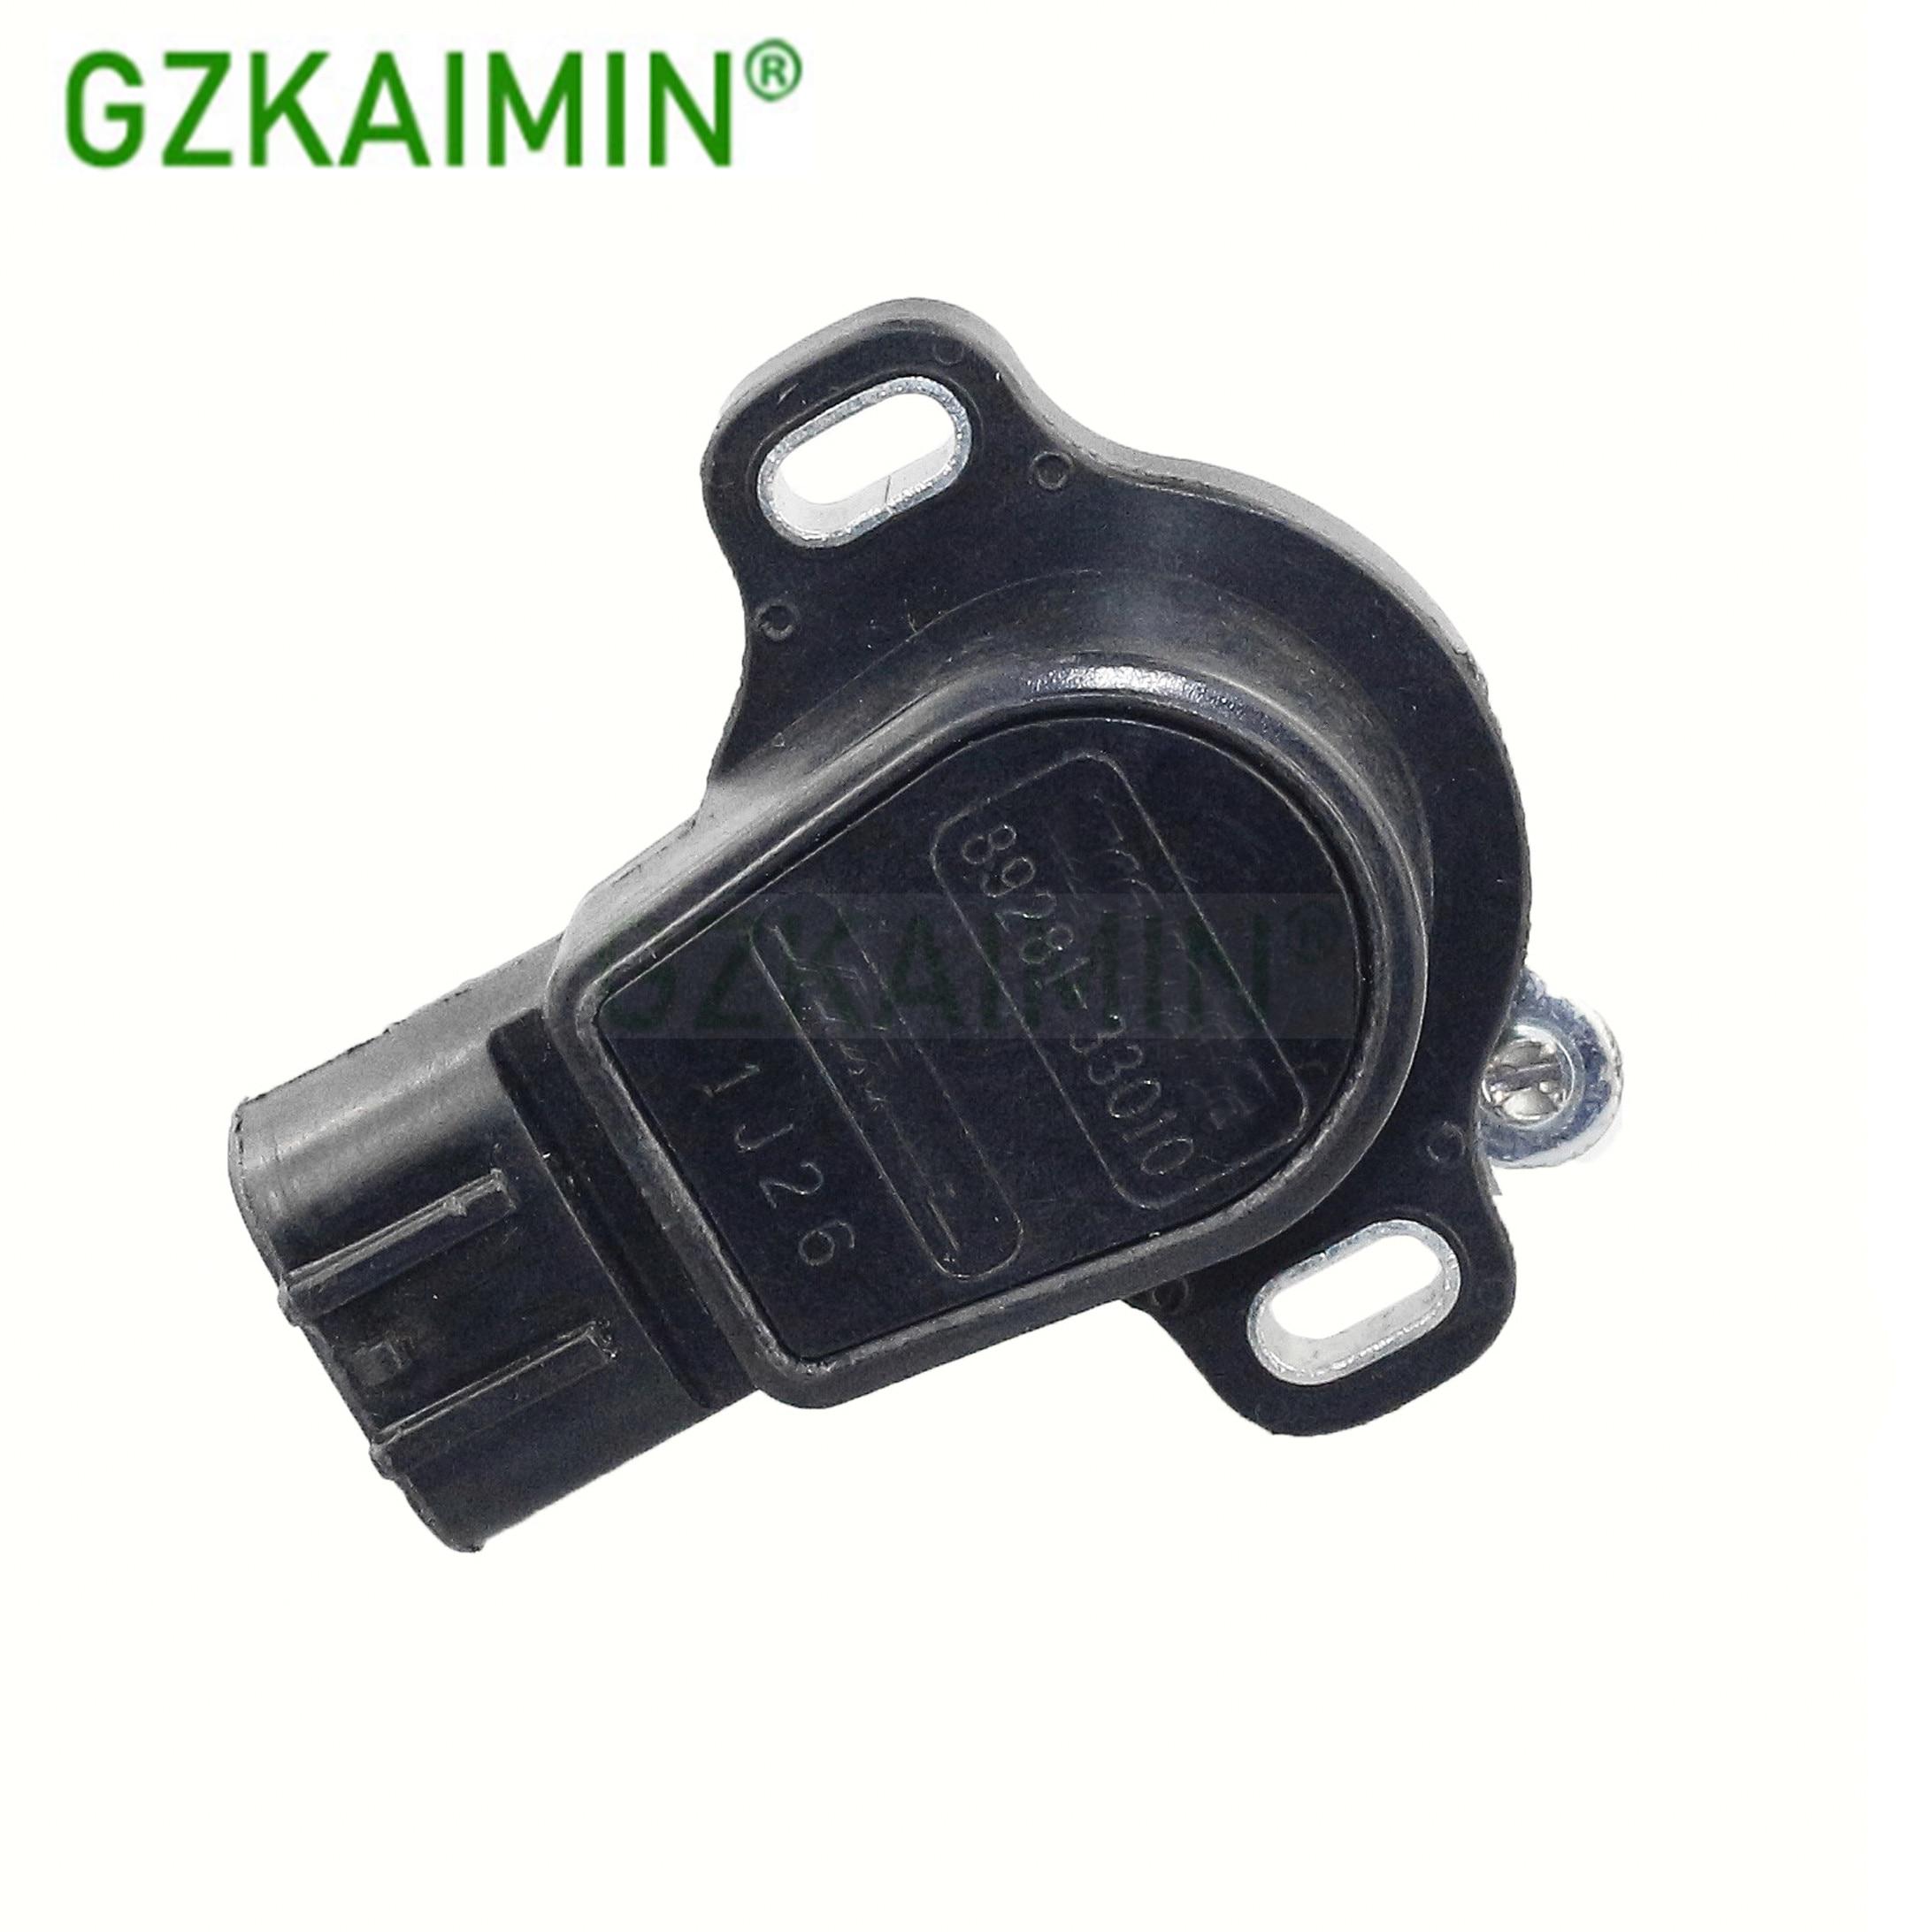 Pedal Throttle Position Sensor For OEM Toyata RAV4 1CD-FTV 89281-33010 New